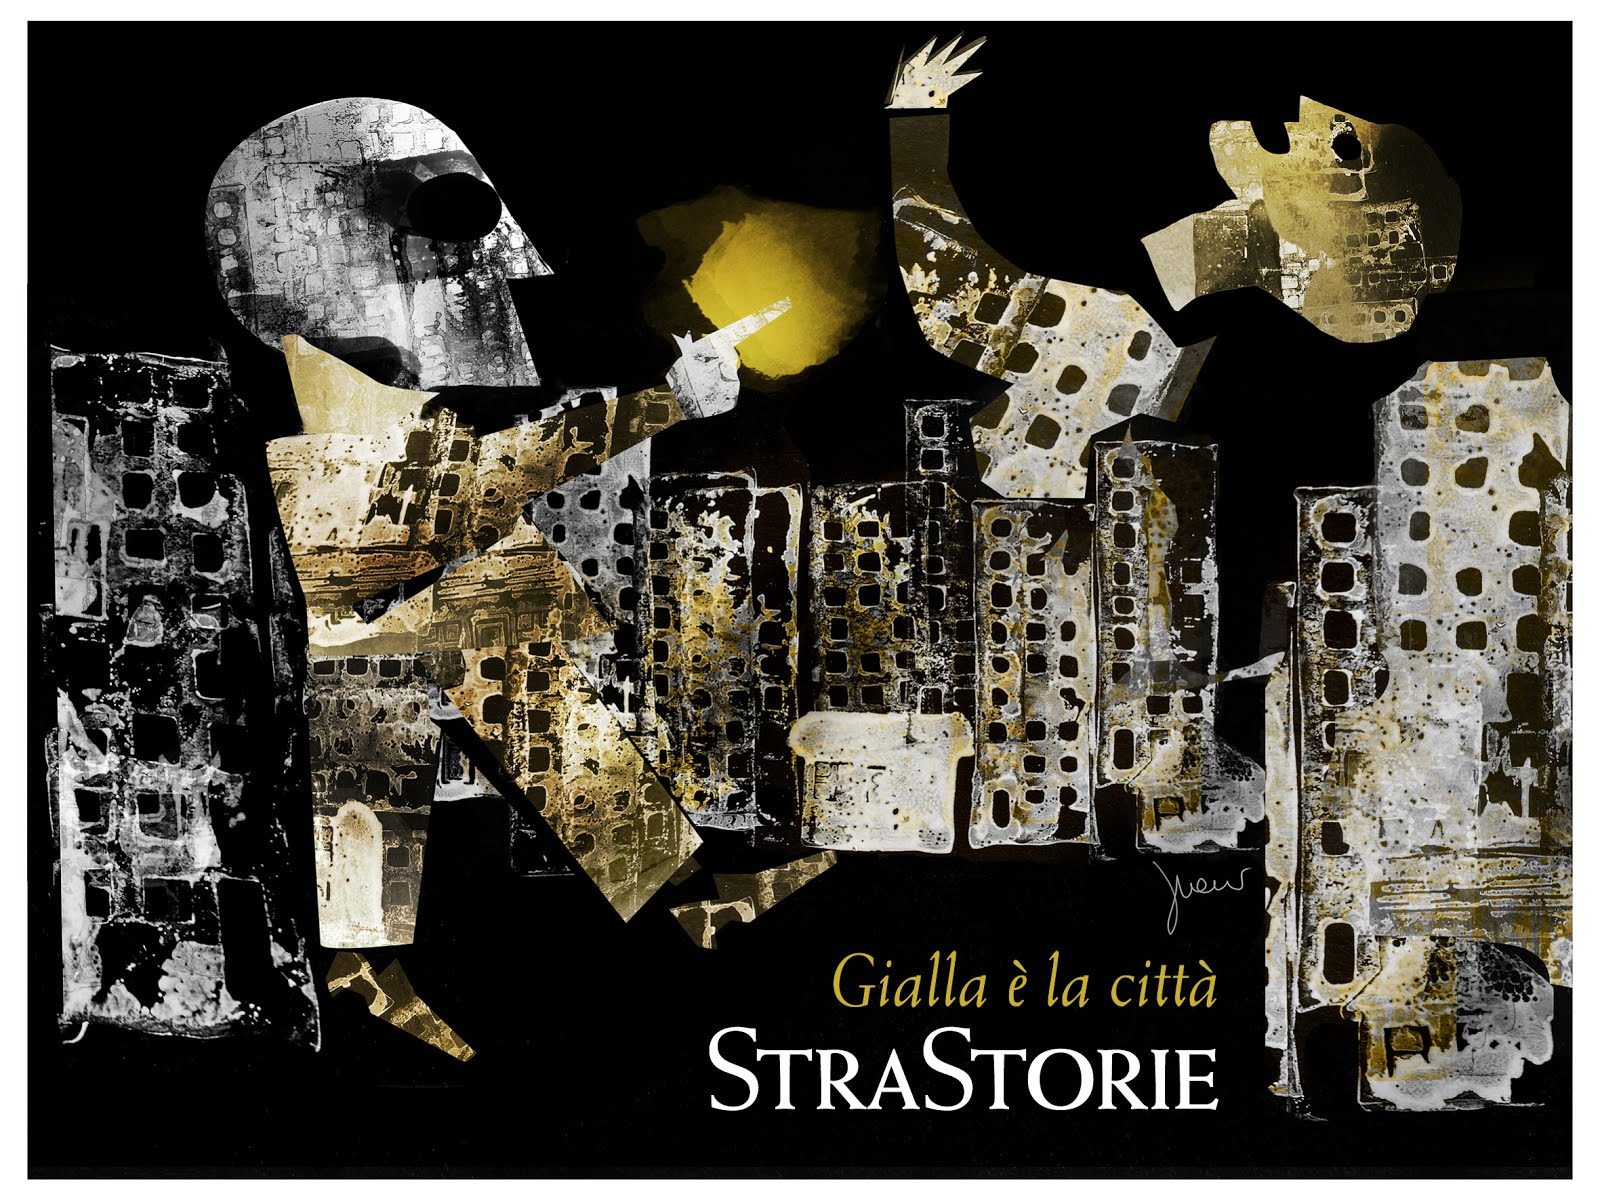 StraStorie – Gialla è la città secondo Guendalina Ravazzoni